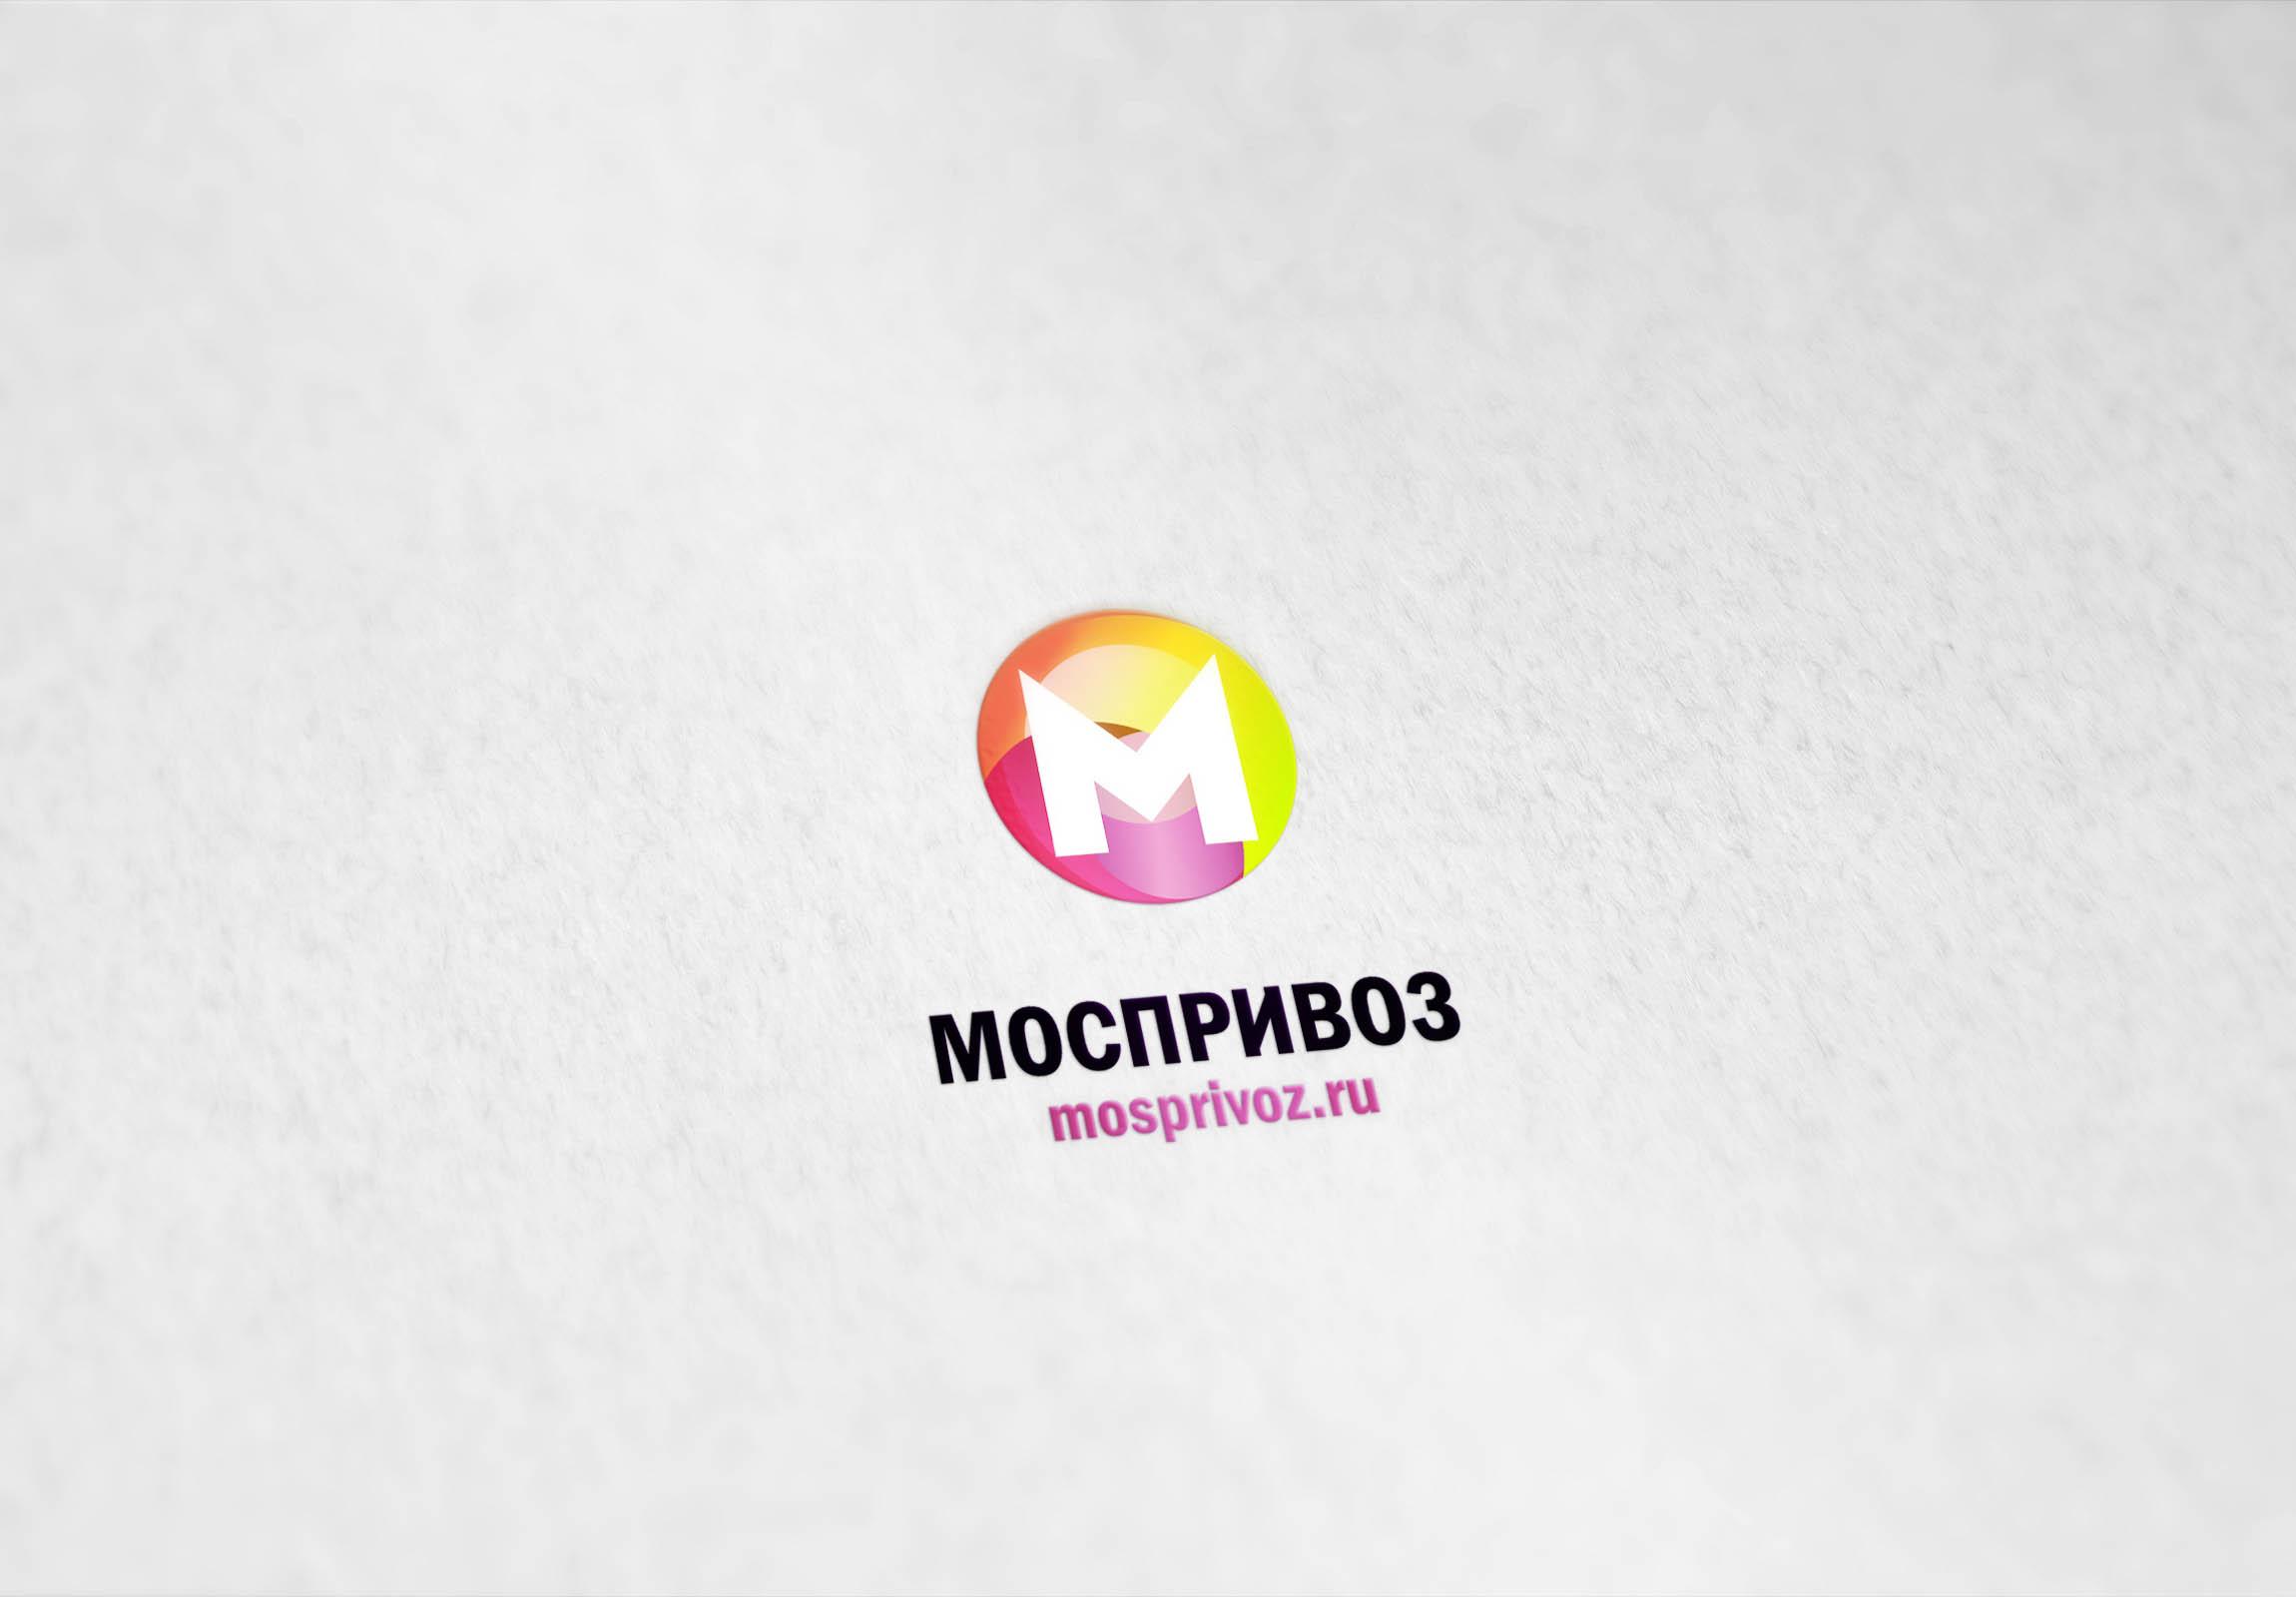 Логотип. Интернет - магазин по доставке продуктов питания. фото f_4355ad919e8bf0b1.jpg